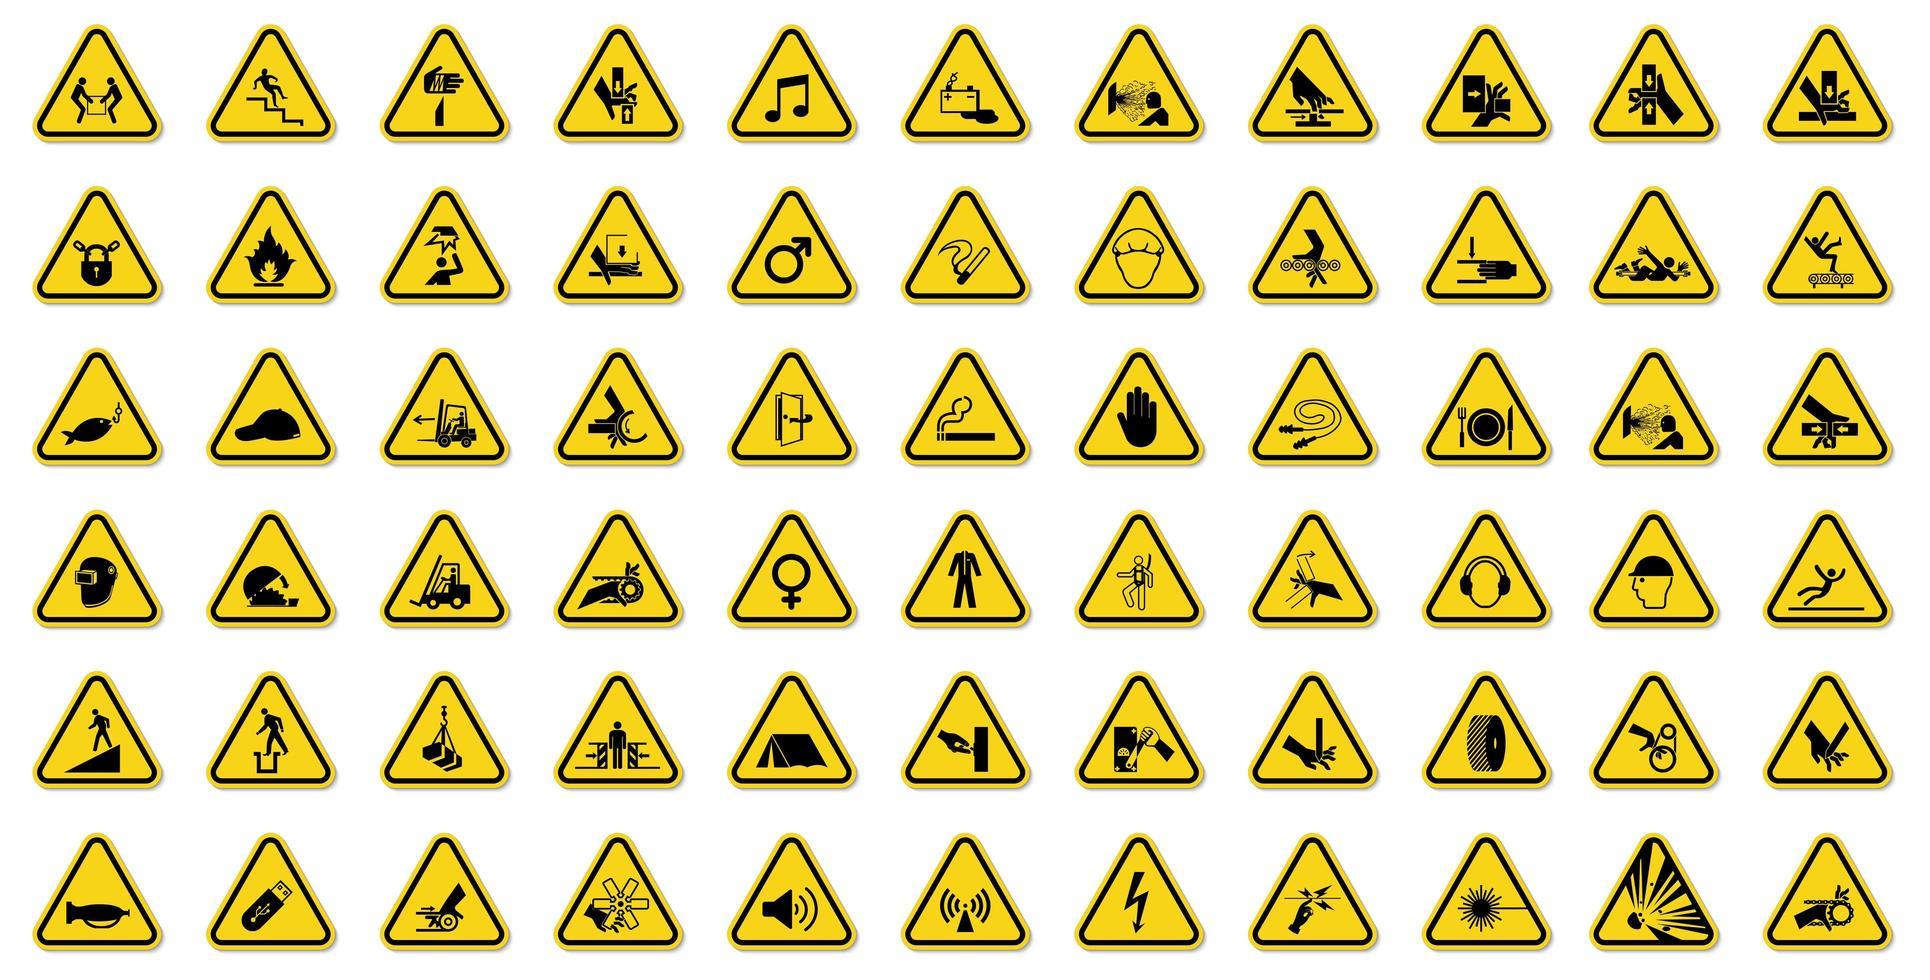 panneau d'avertissement serti d'icônes noires dans le triangle jaune vecteur